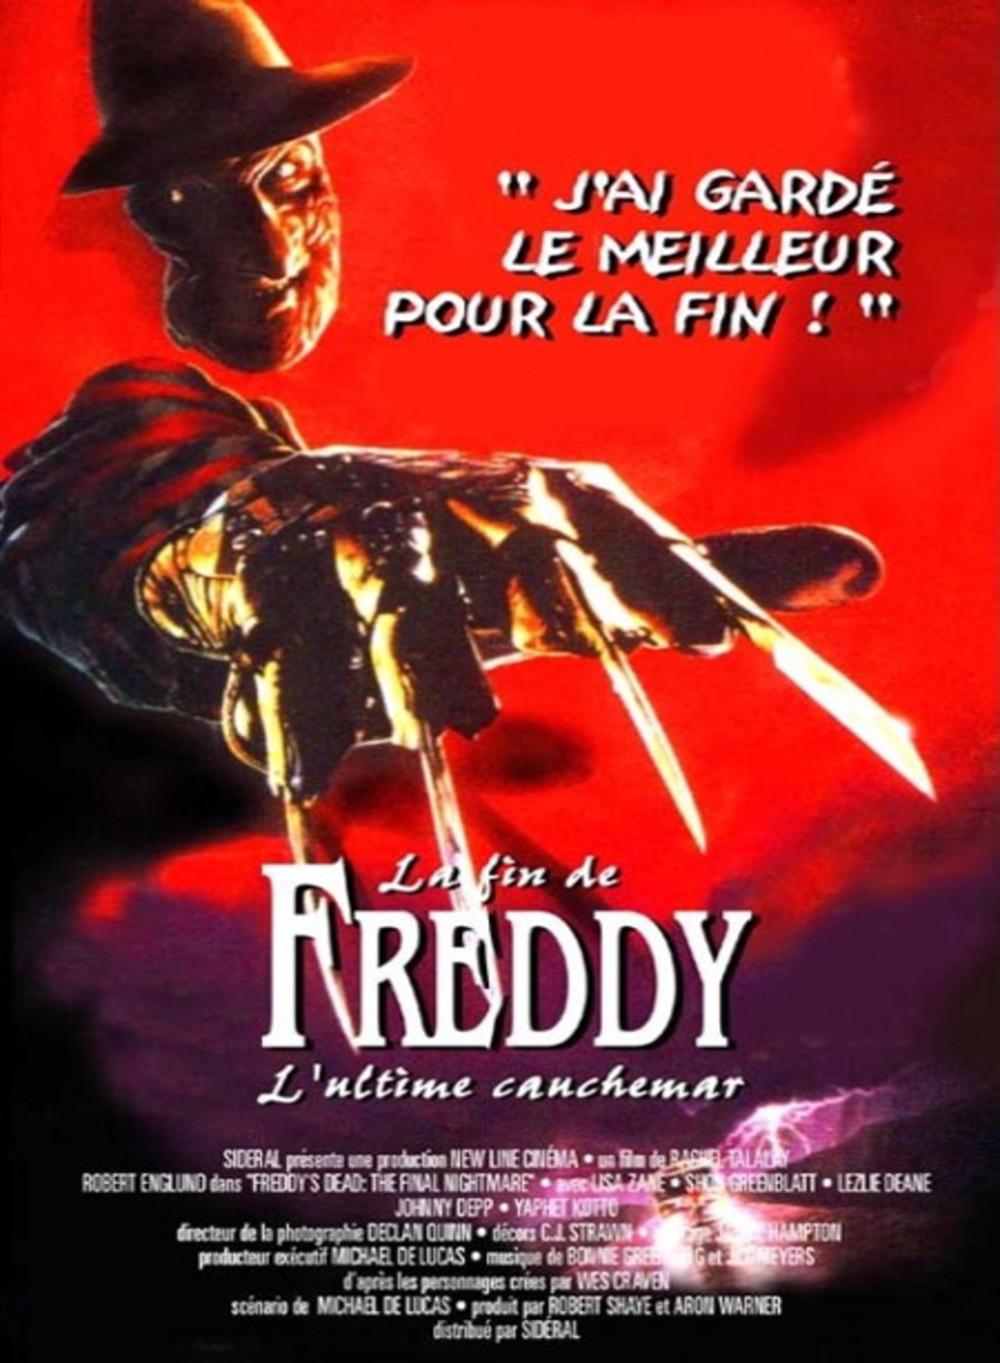 affiche du film La fin de Freddy: L'ultime cauchemar